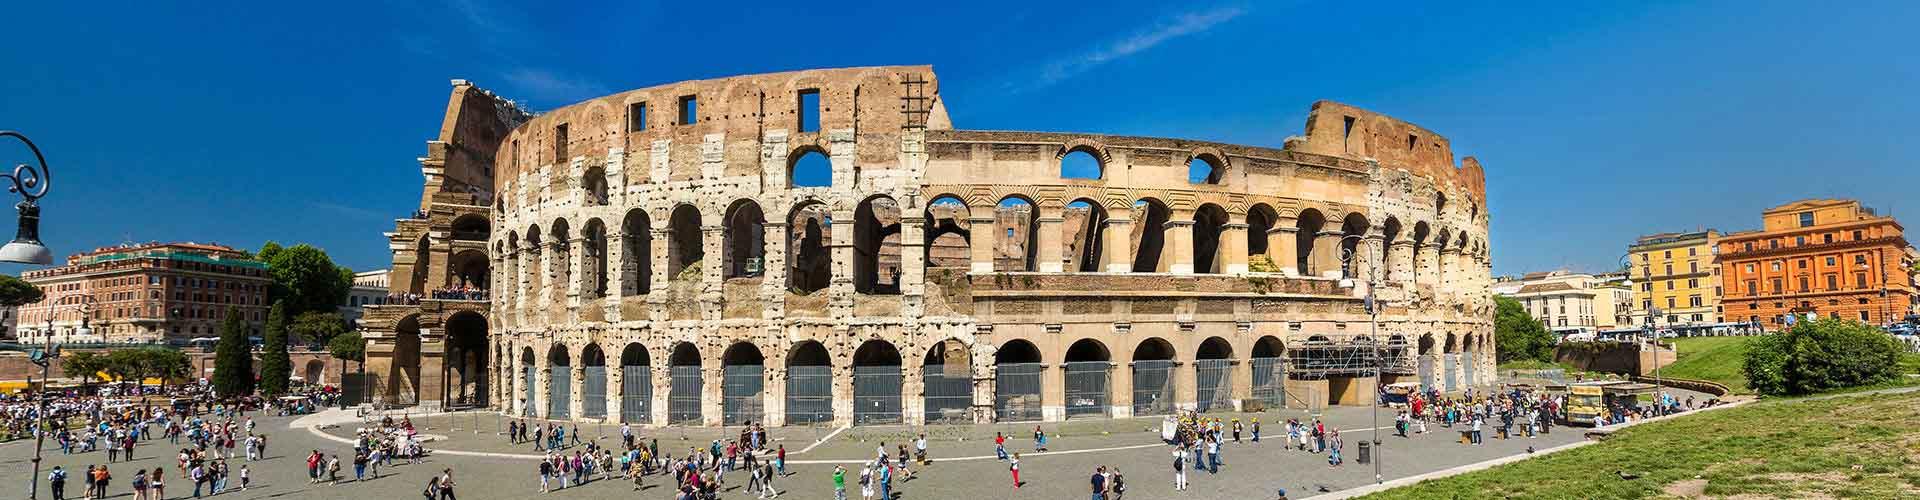 Roma - Albergues Juveniles cerca a Coliseo. Mapas de Roma, Fotos y Comentarios para cada Albergue Juvenil en Roma.